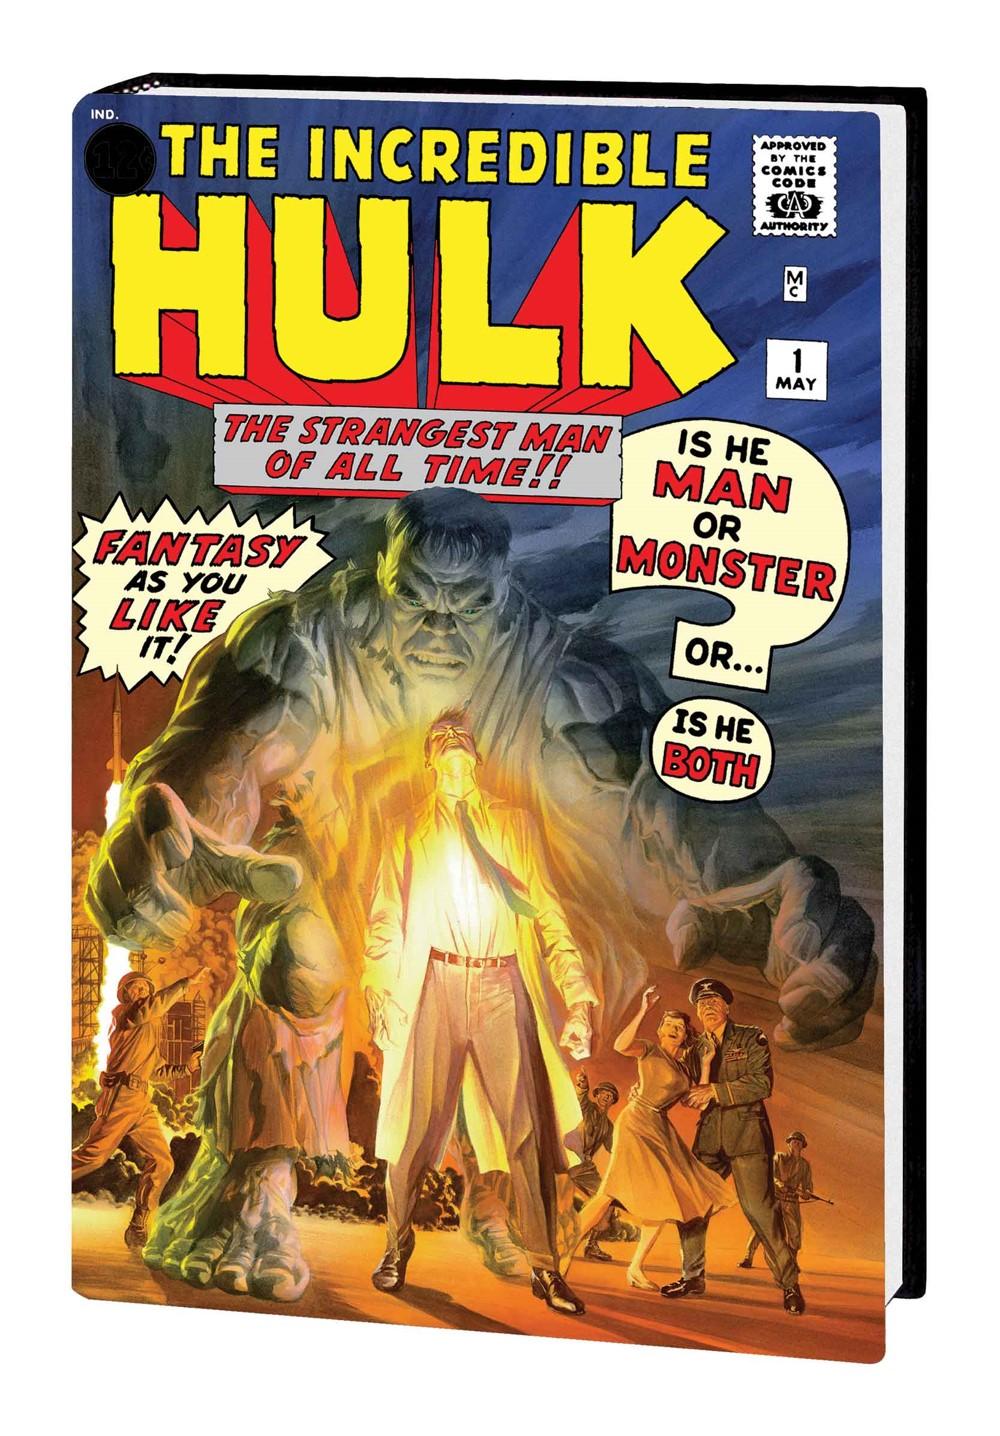 HULKOMI_V1_HC_ROSS Marvel Comics October 2021 Solicitations